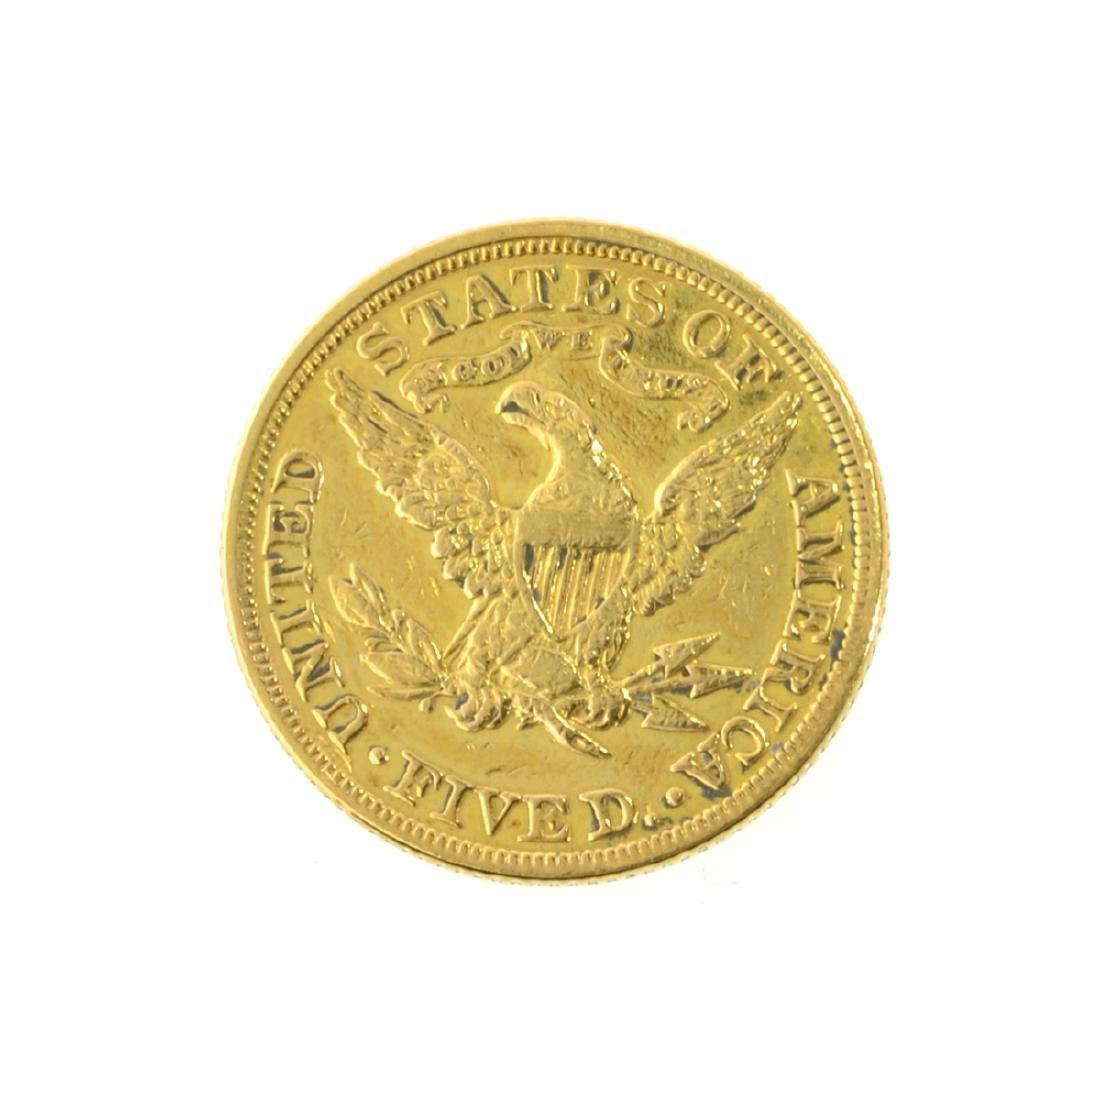 *1881 $5 U.S. Liberty Head Gold Coin (JG-JWJ) - 2